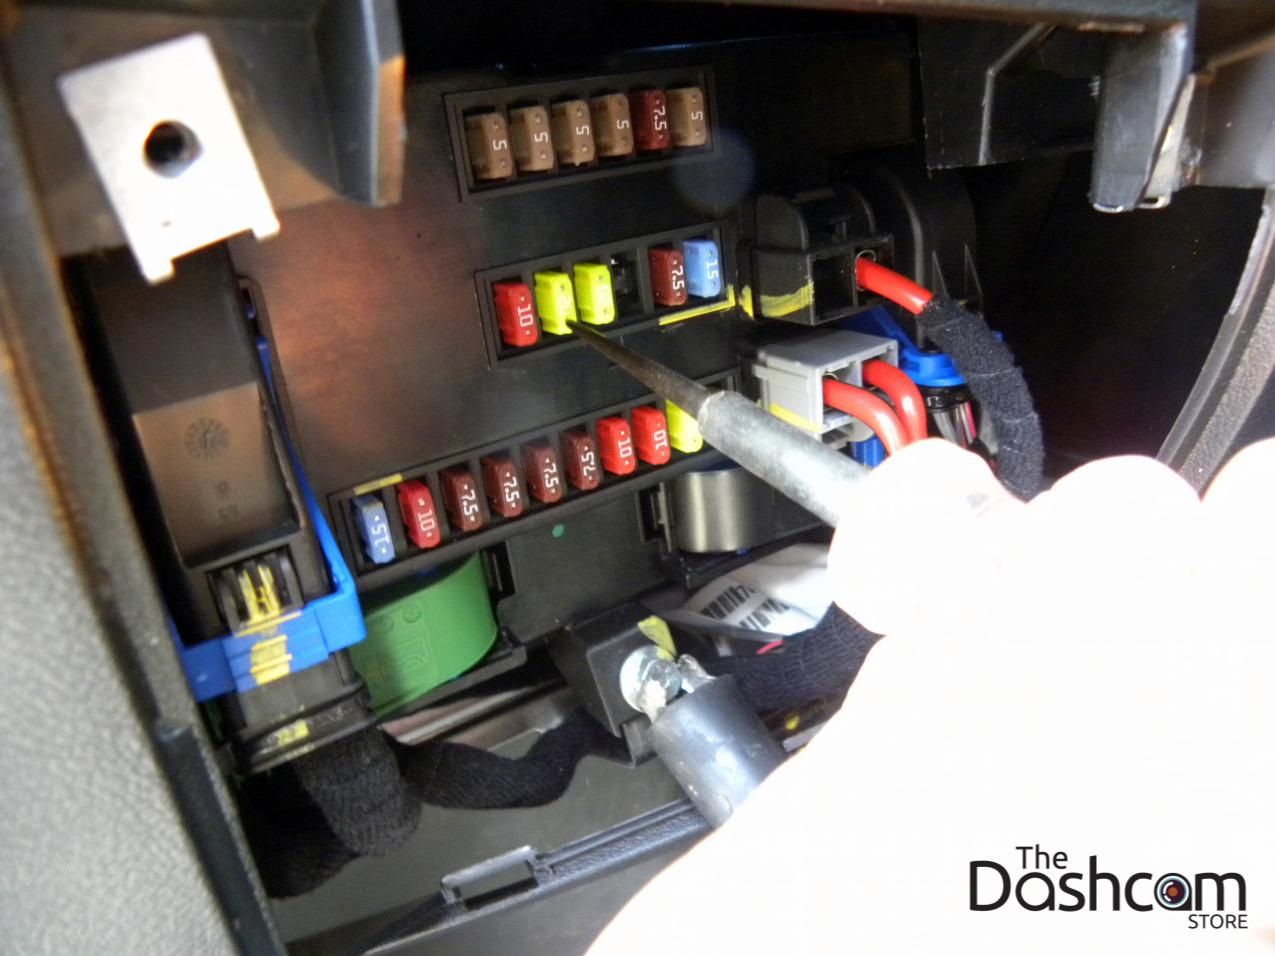 dodge wiring diagram ram 2500 submersible well pump 2015 promaster blackvue dr650gw-2ch dashcam installation